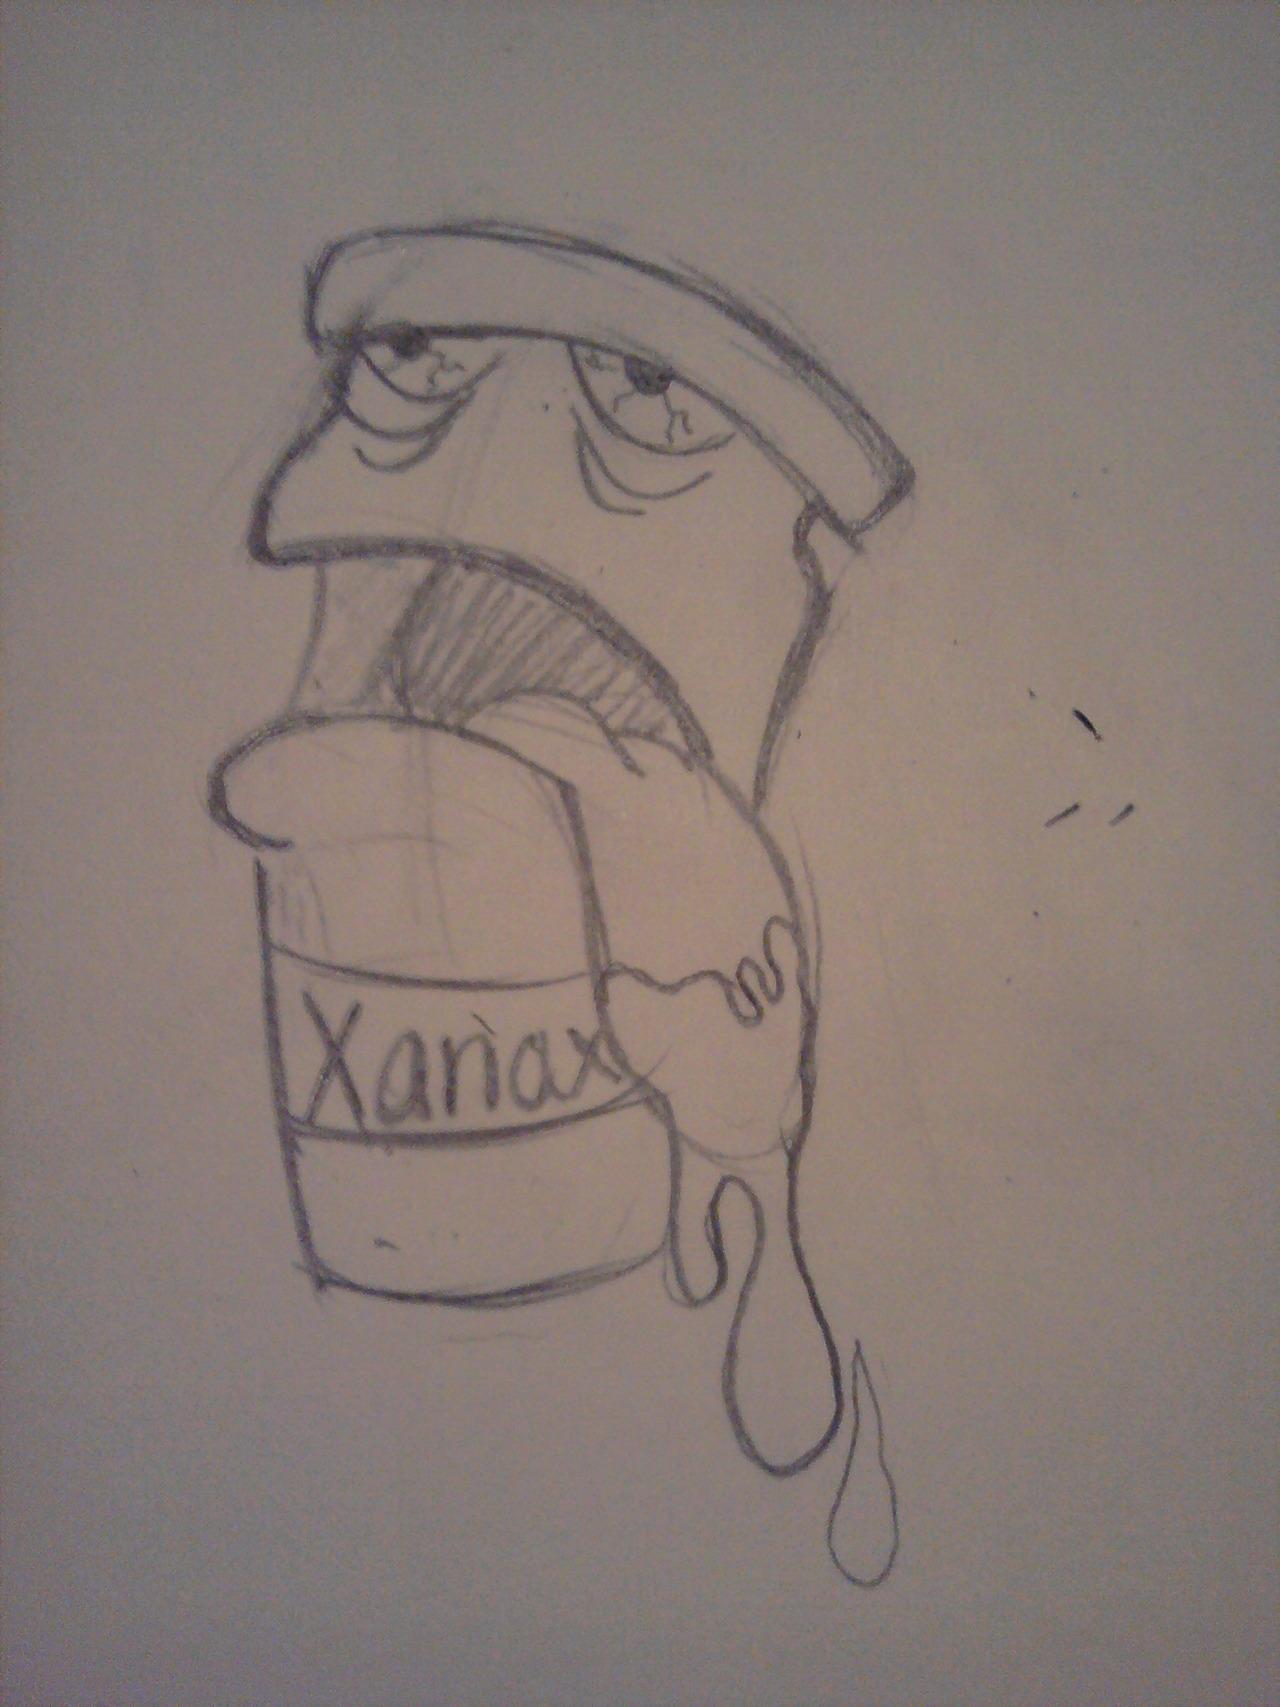 xanax spelled backwards